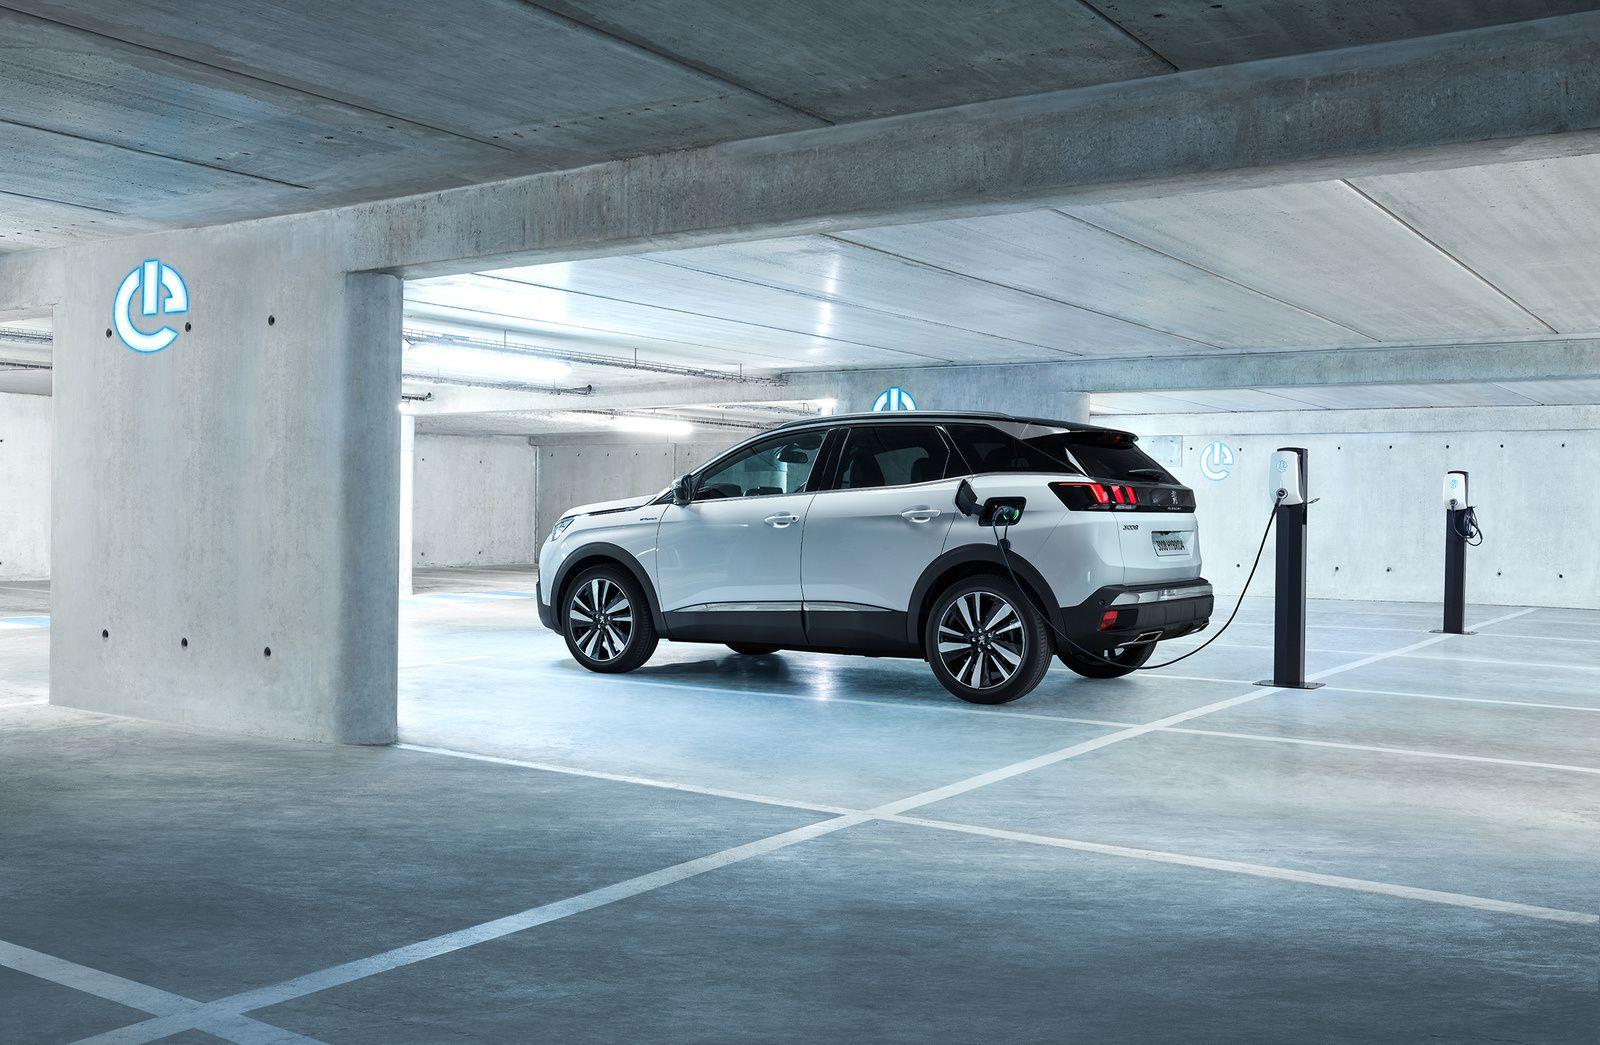 Peugeot 3008 Hybride : Une réelle bonne alternative ?